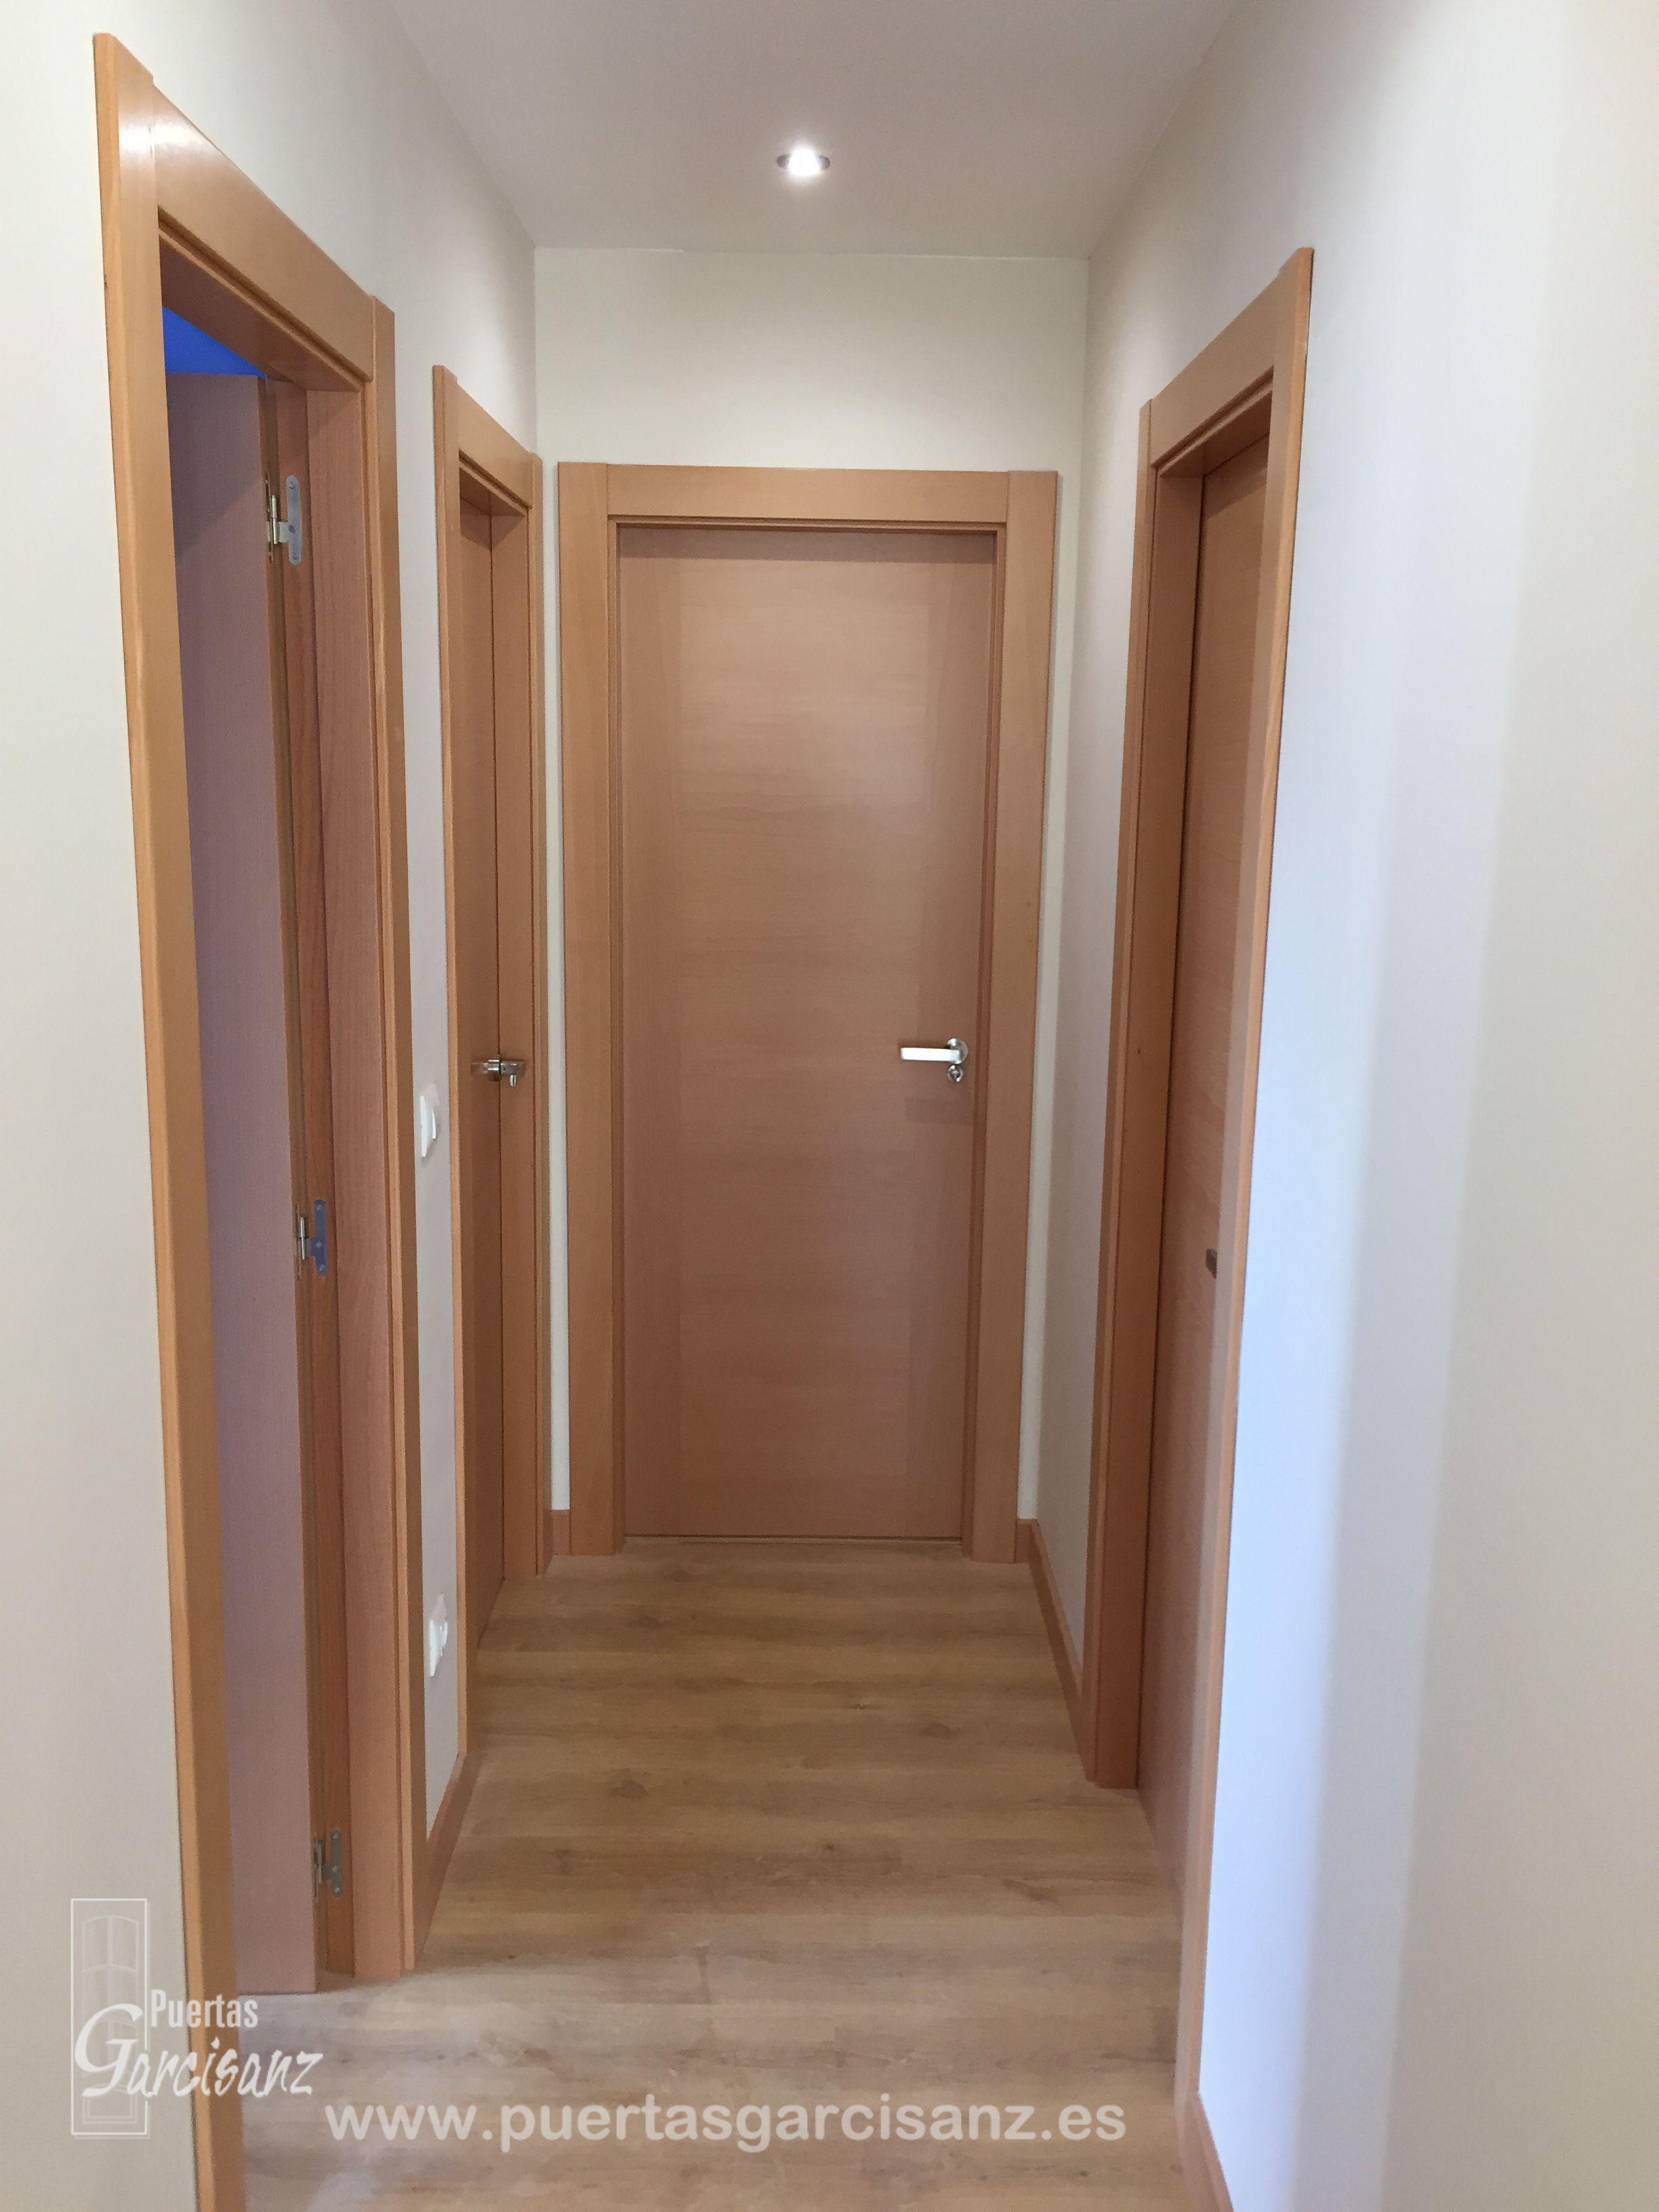 Puertas de interior en chapa de haya vaporizada mod deco for Puertas rusticas de madera interior